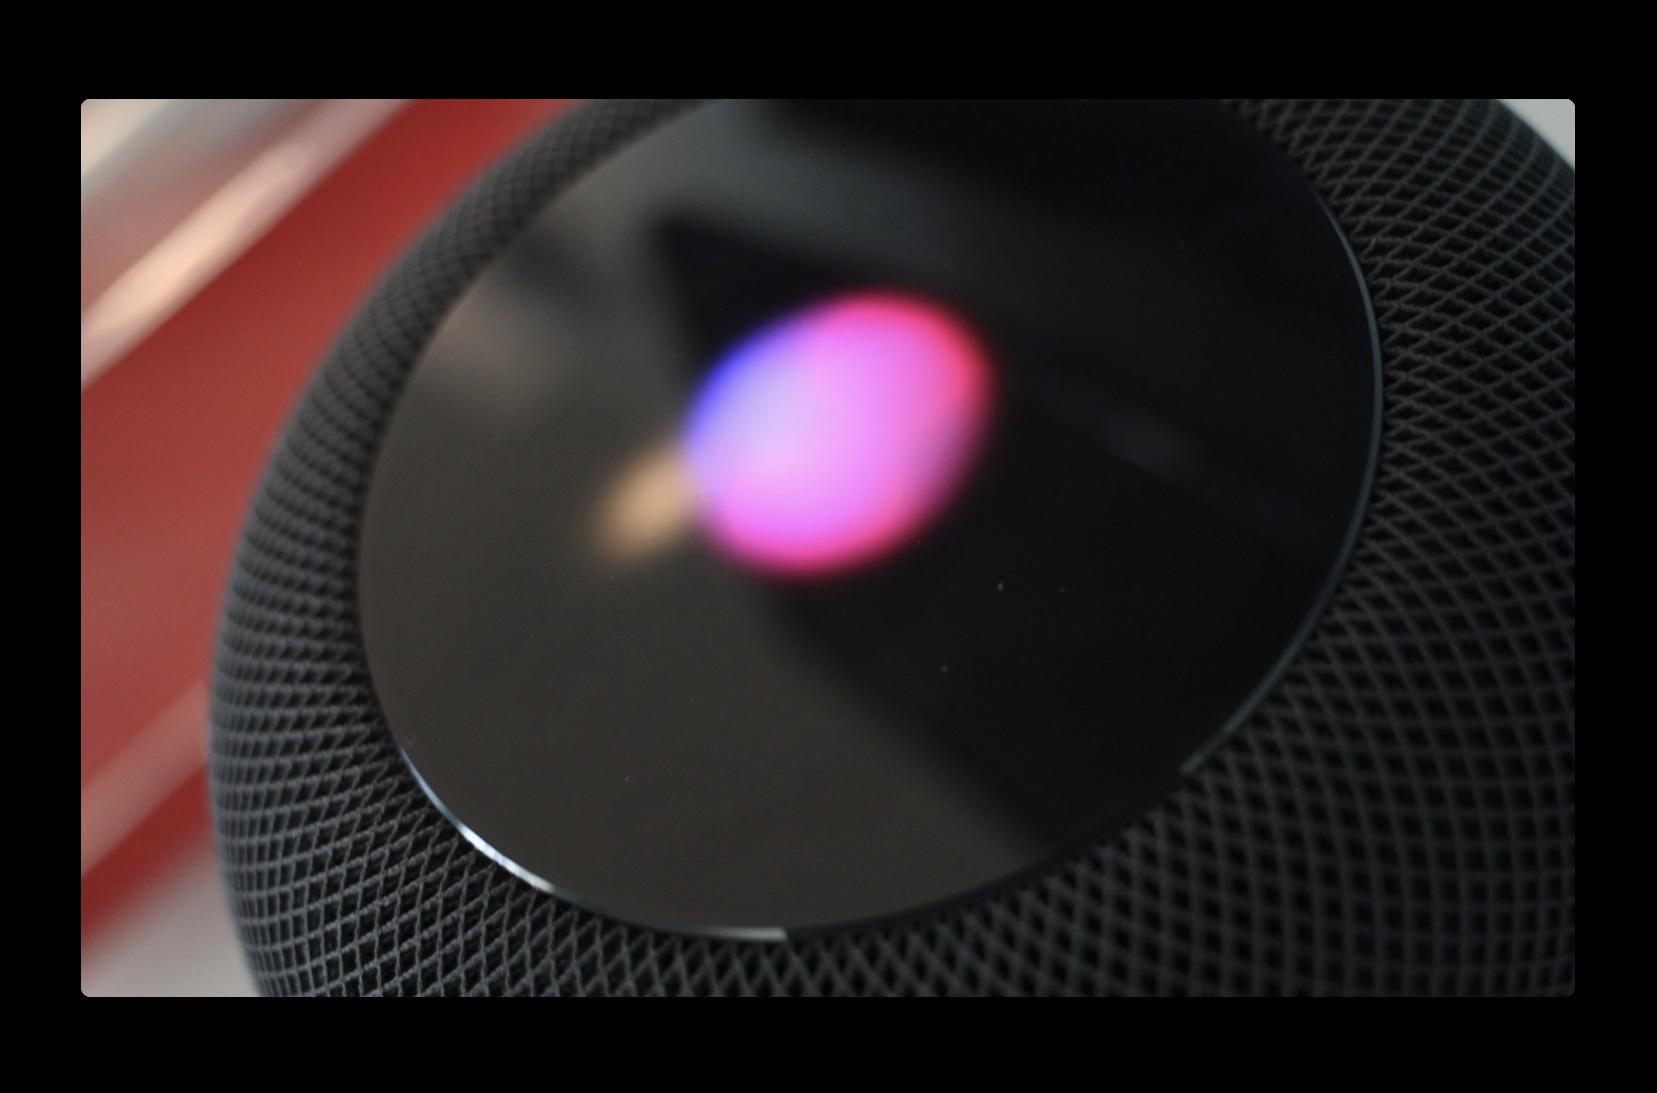 Apple、サポート文書「iTunes Store からの正規のメールを識別する」を更新し2項目追加